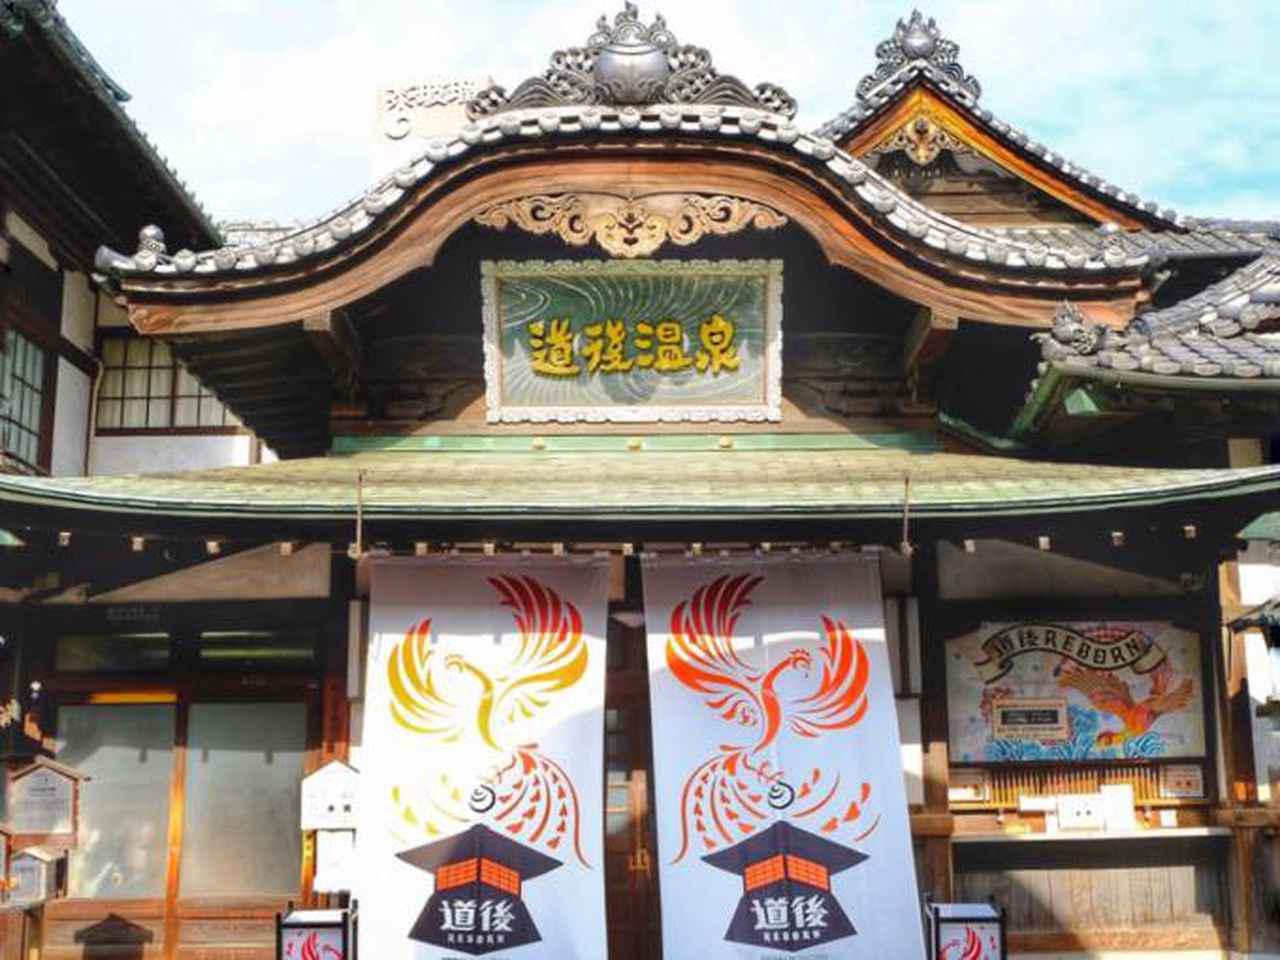 画像: 地方都市としての貫禄と自然文化豊かな街並みを楽しむ愛媛の旅(前編)